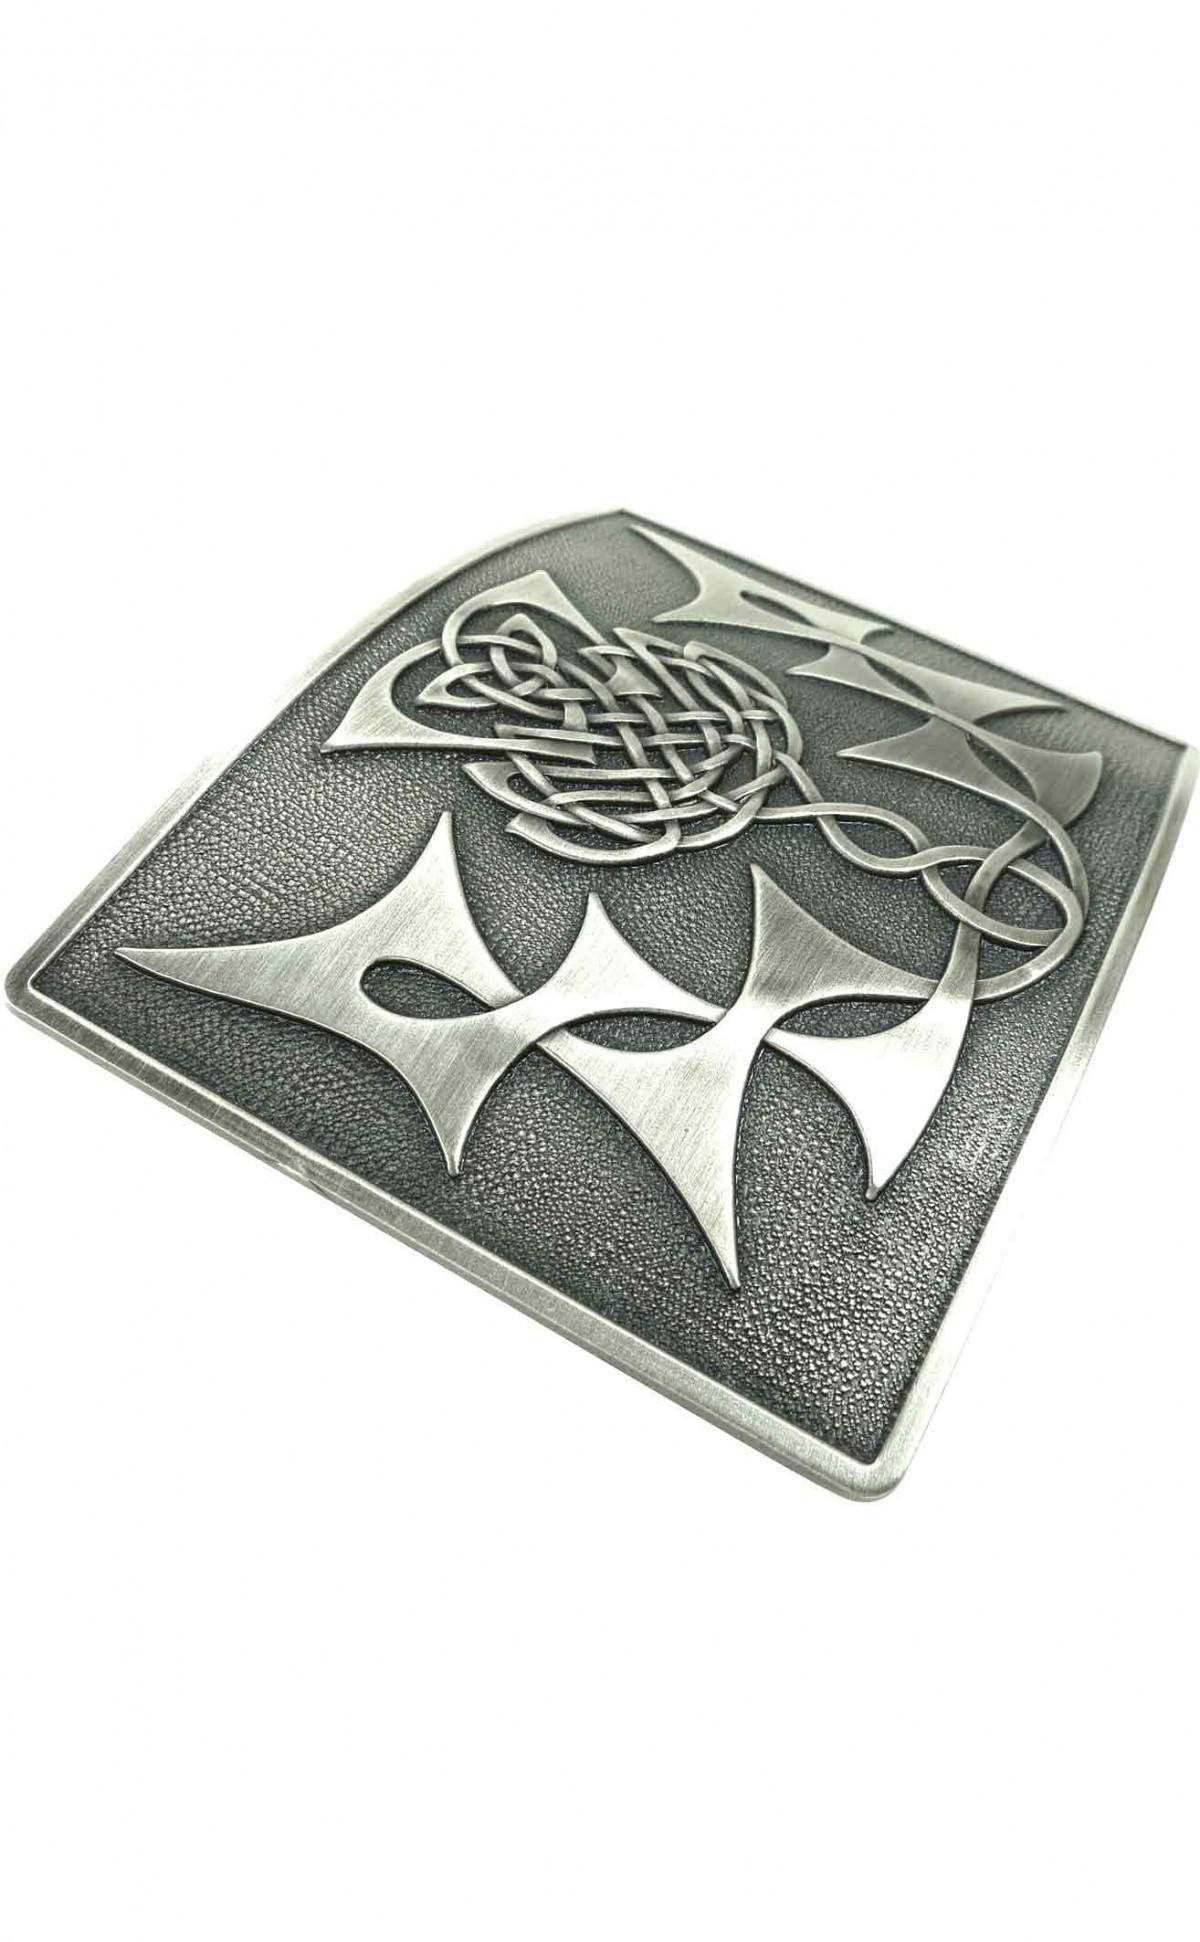 glnsk-sr_glnsk_highland_thistle_waist_plate_antique_silver_2